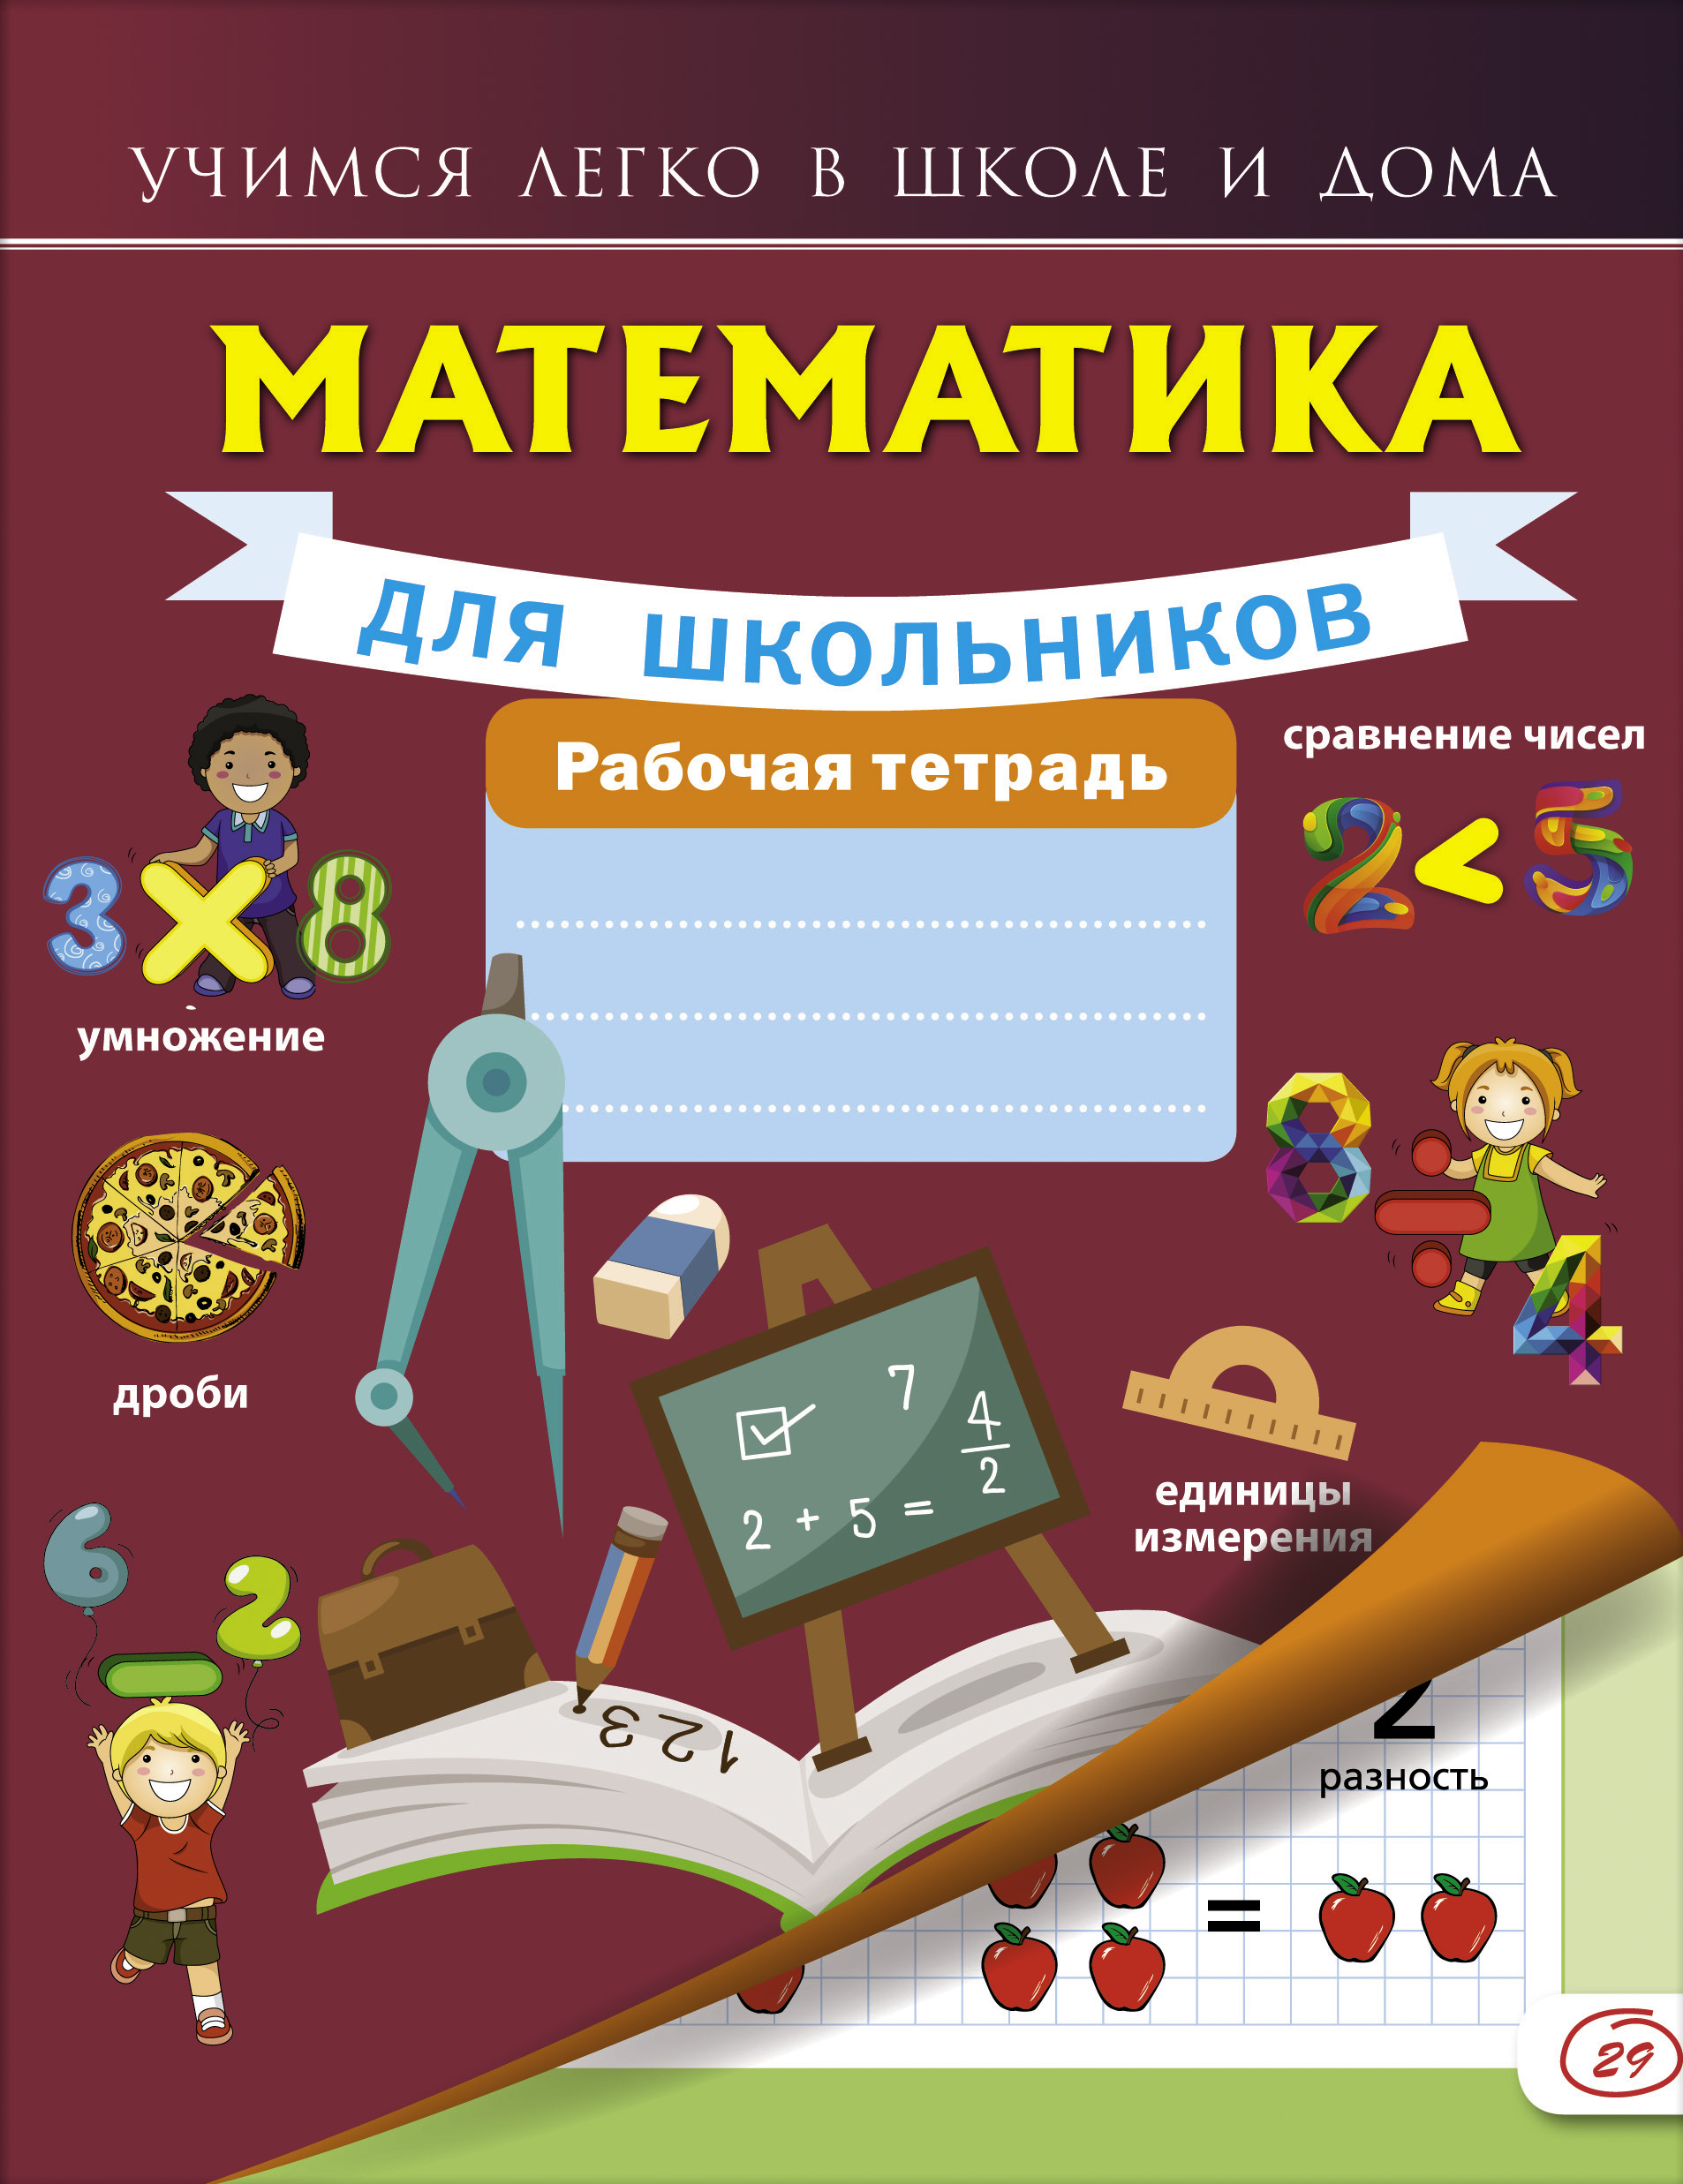 Математика для школьников. Рабочая тетрадь